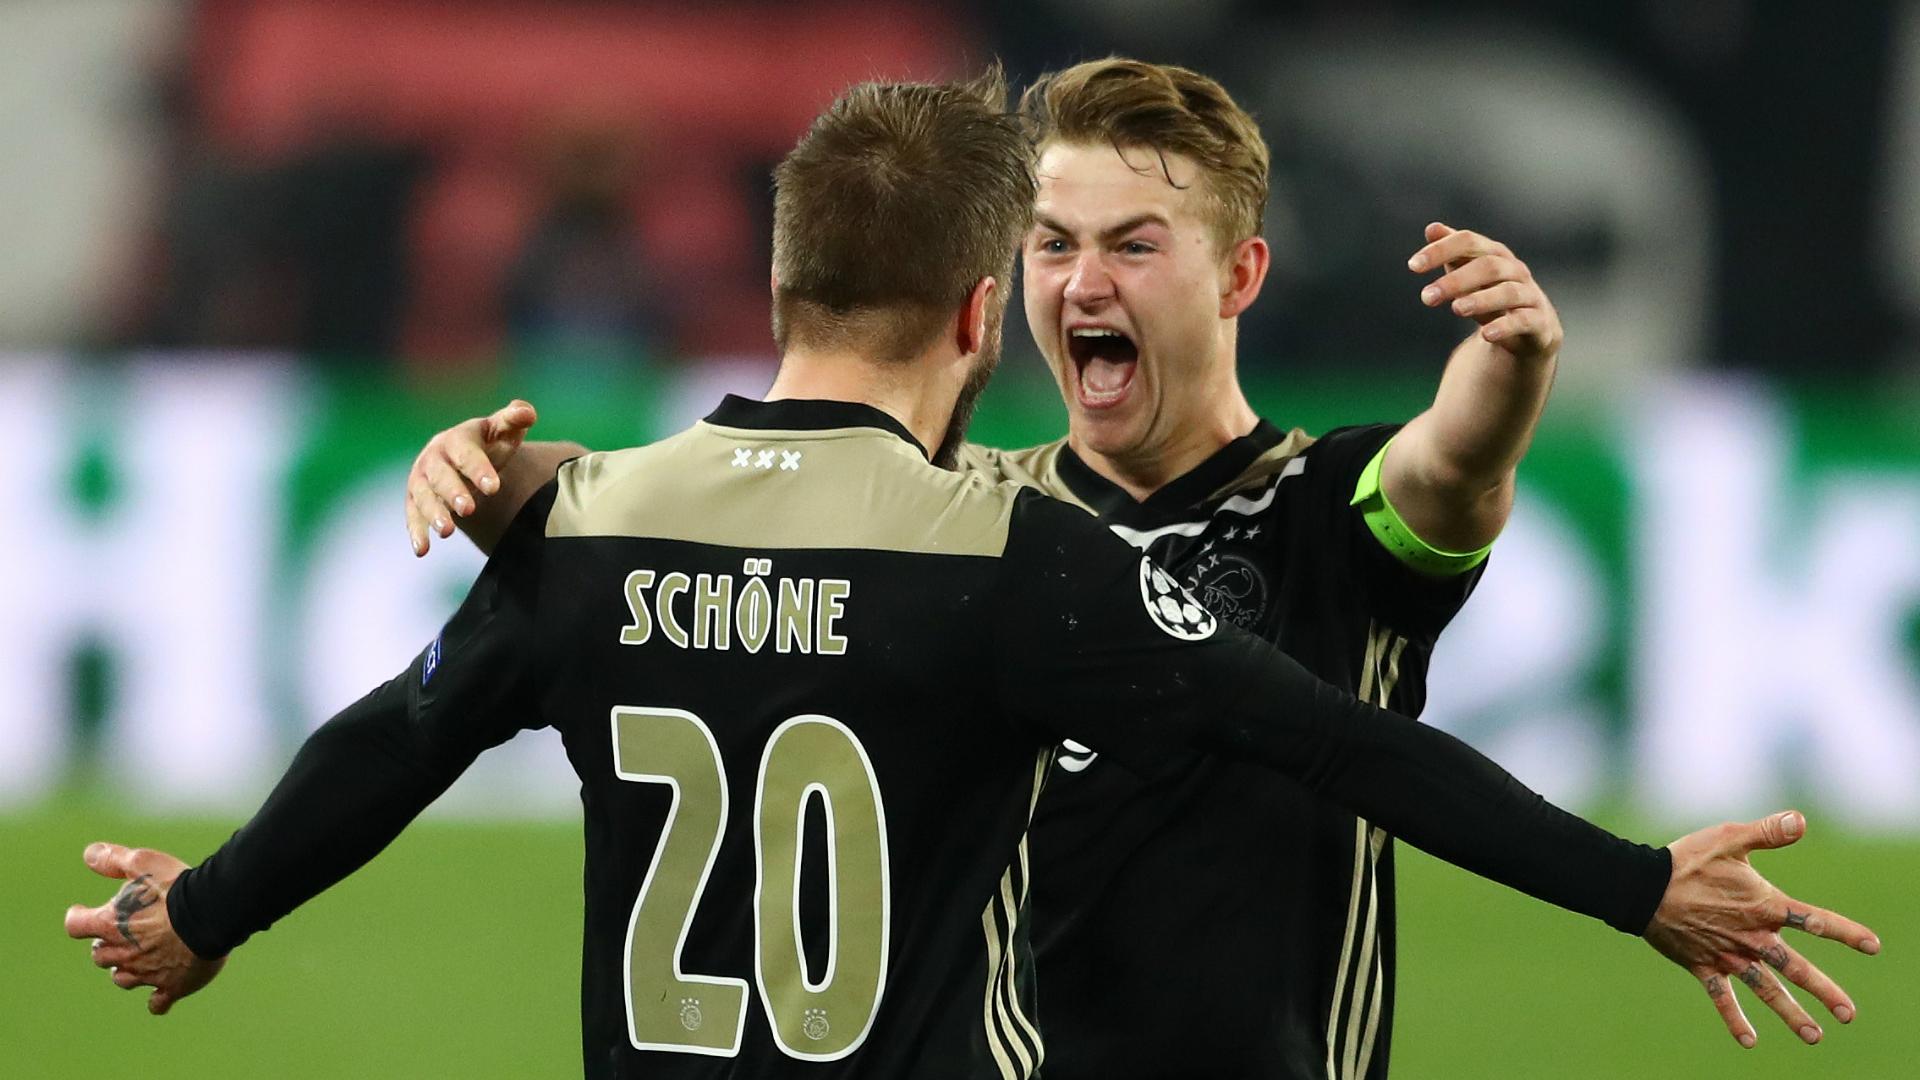 De Ligt: Ajax aren't satisfied yet